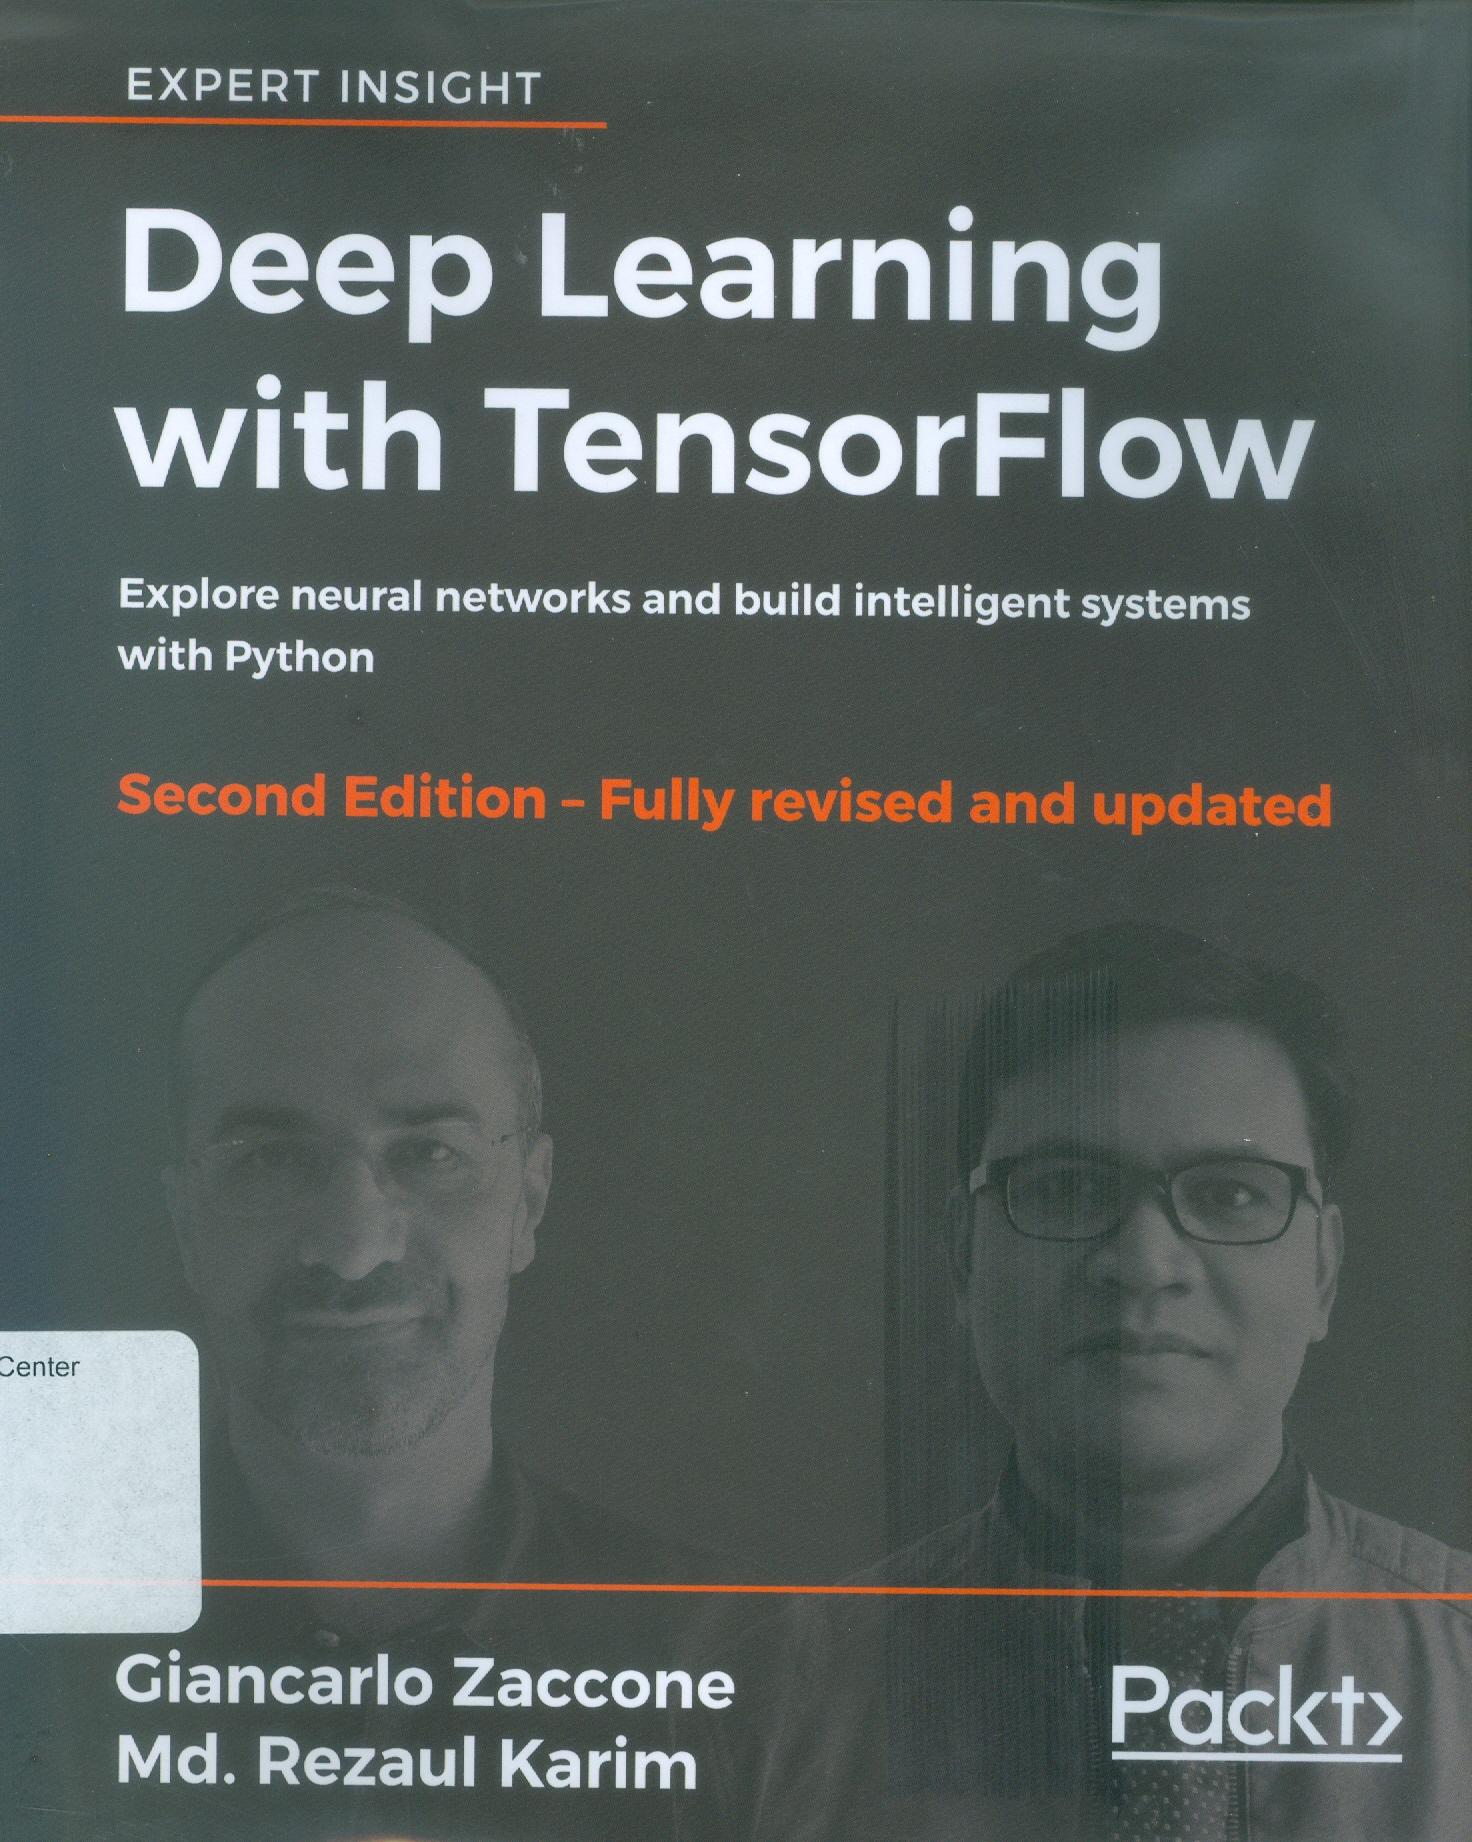 deep learning0001.jpg